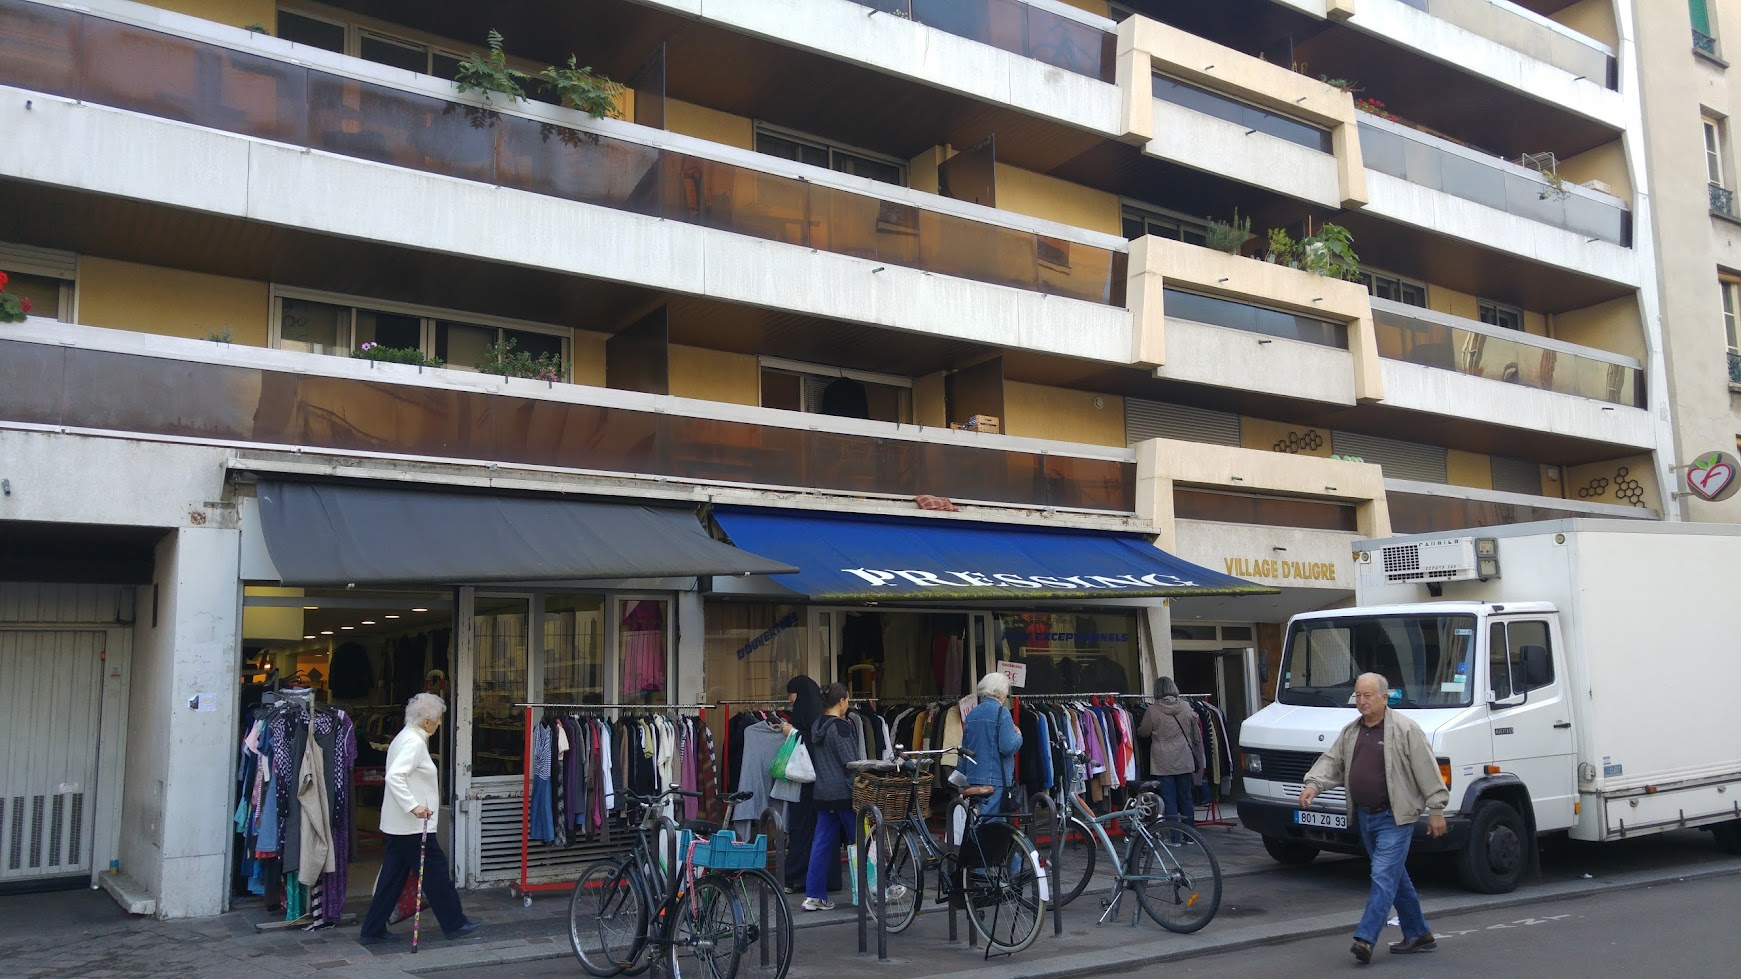 Thrift Stores Around the World – Paris, Rue D'Aligre